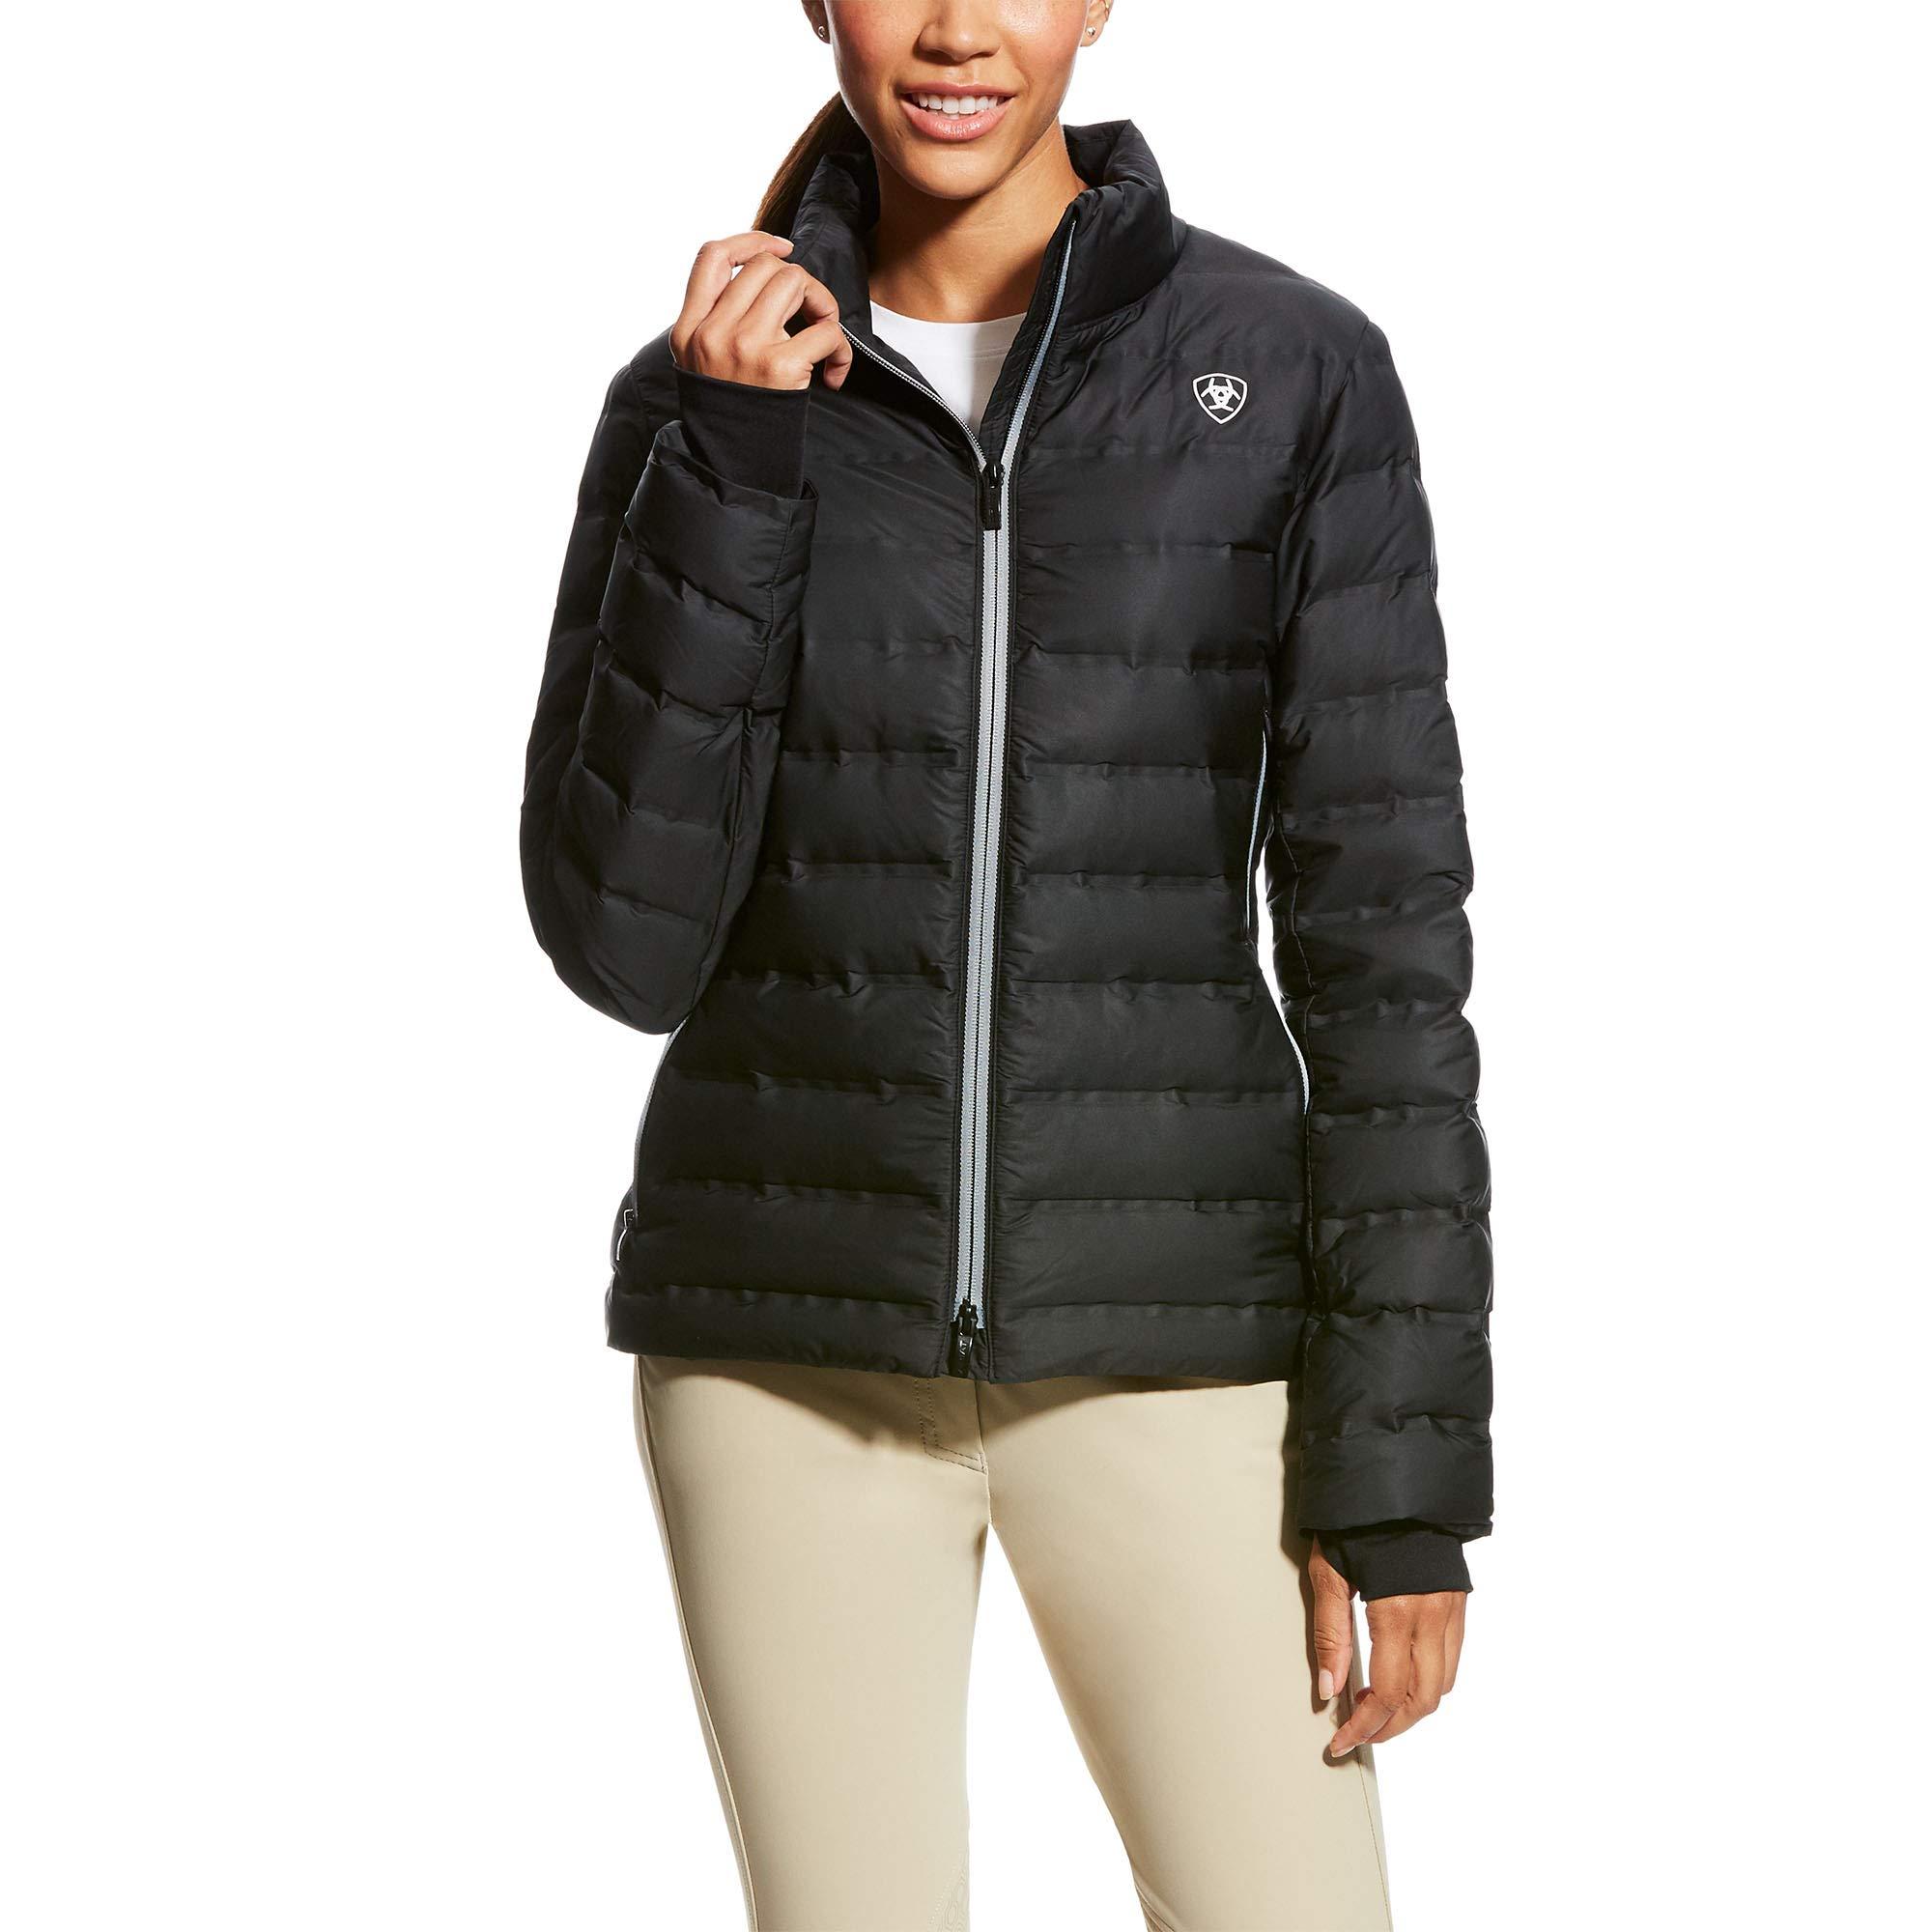 ARIAT Women's Braze Down Jacket Black Size Medium by ARIAT